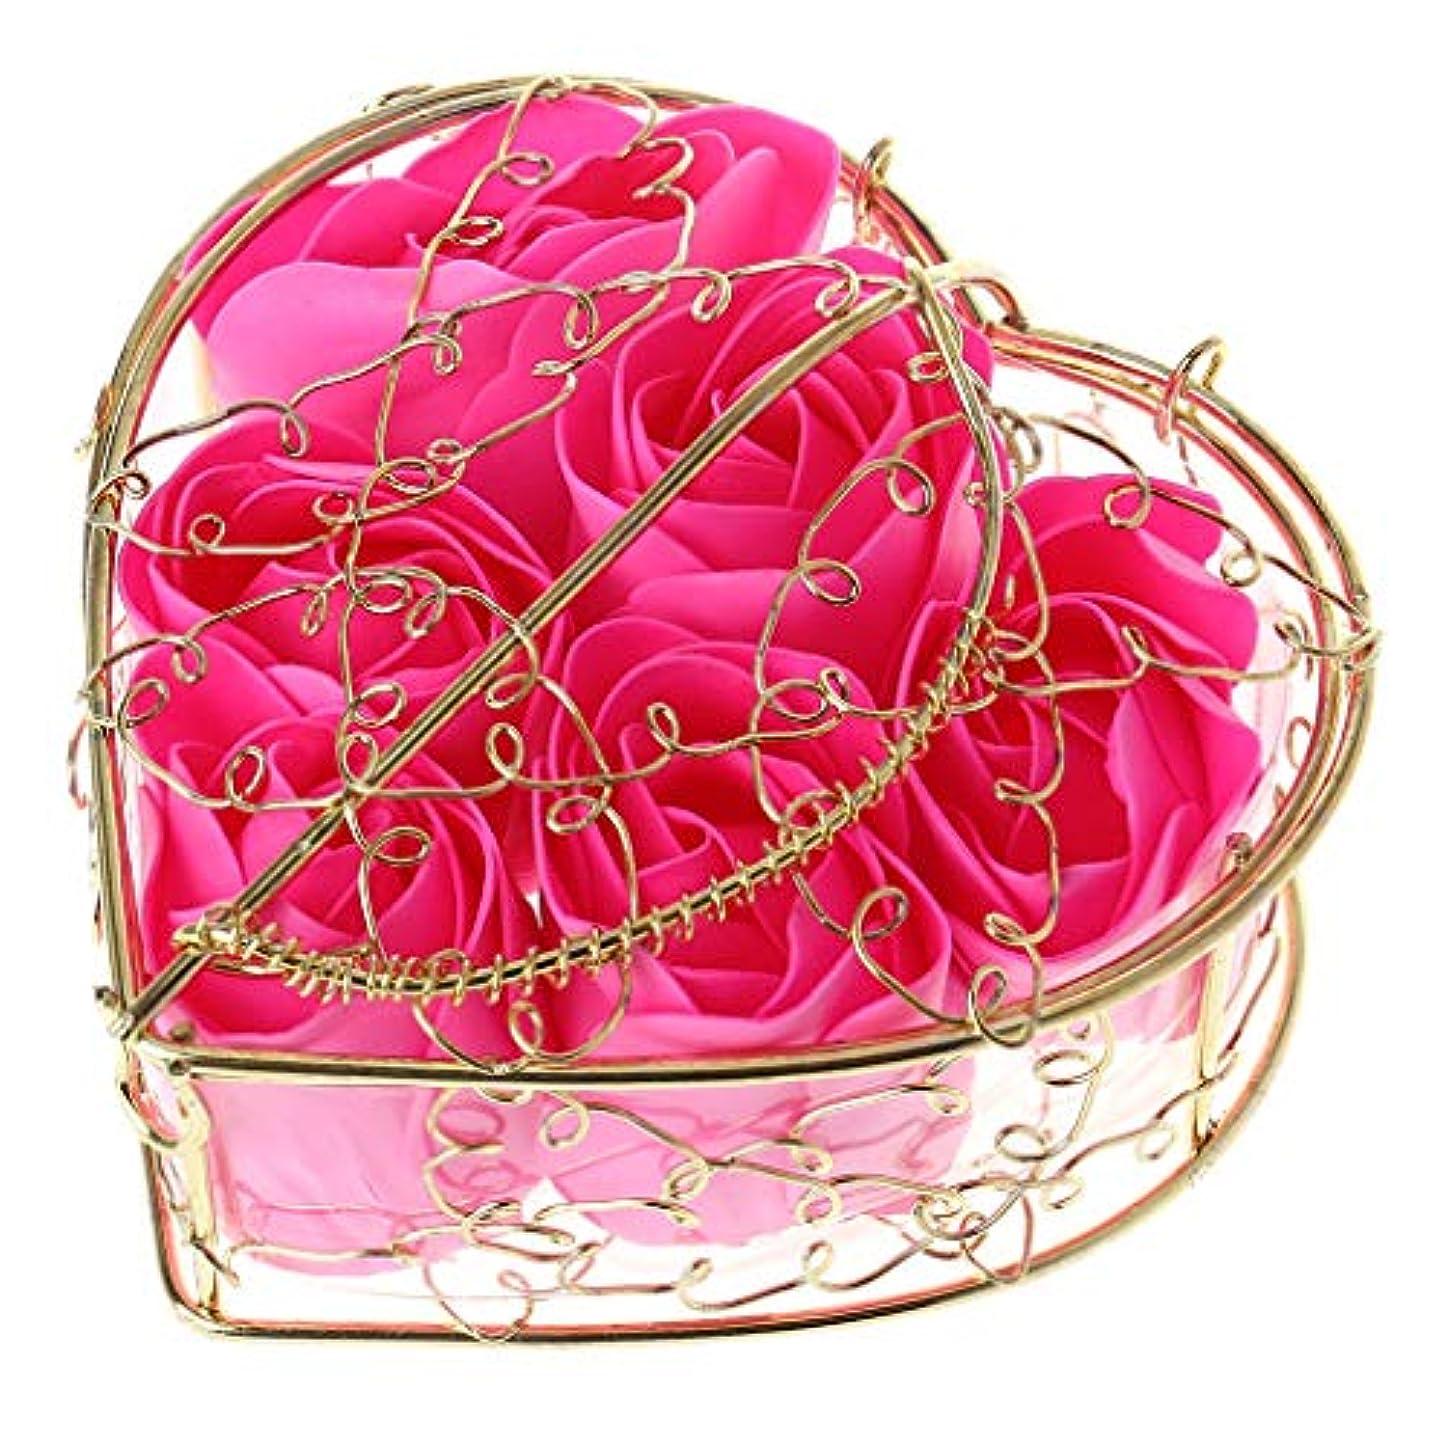 緊張する動脈貧しいKaman-co 6本の香りのバラの花びら、入浴ボディーソープ、ウェディングパーティーの装飾ギフト、バレンタインデーの贈り物 (HP)